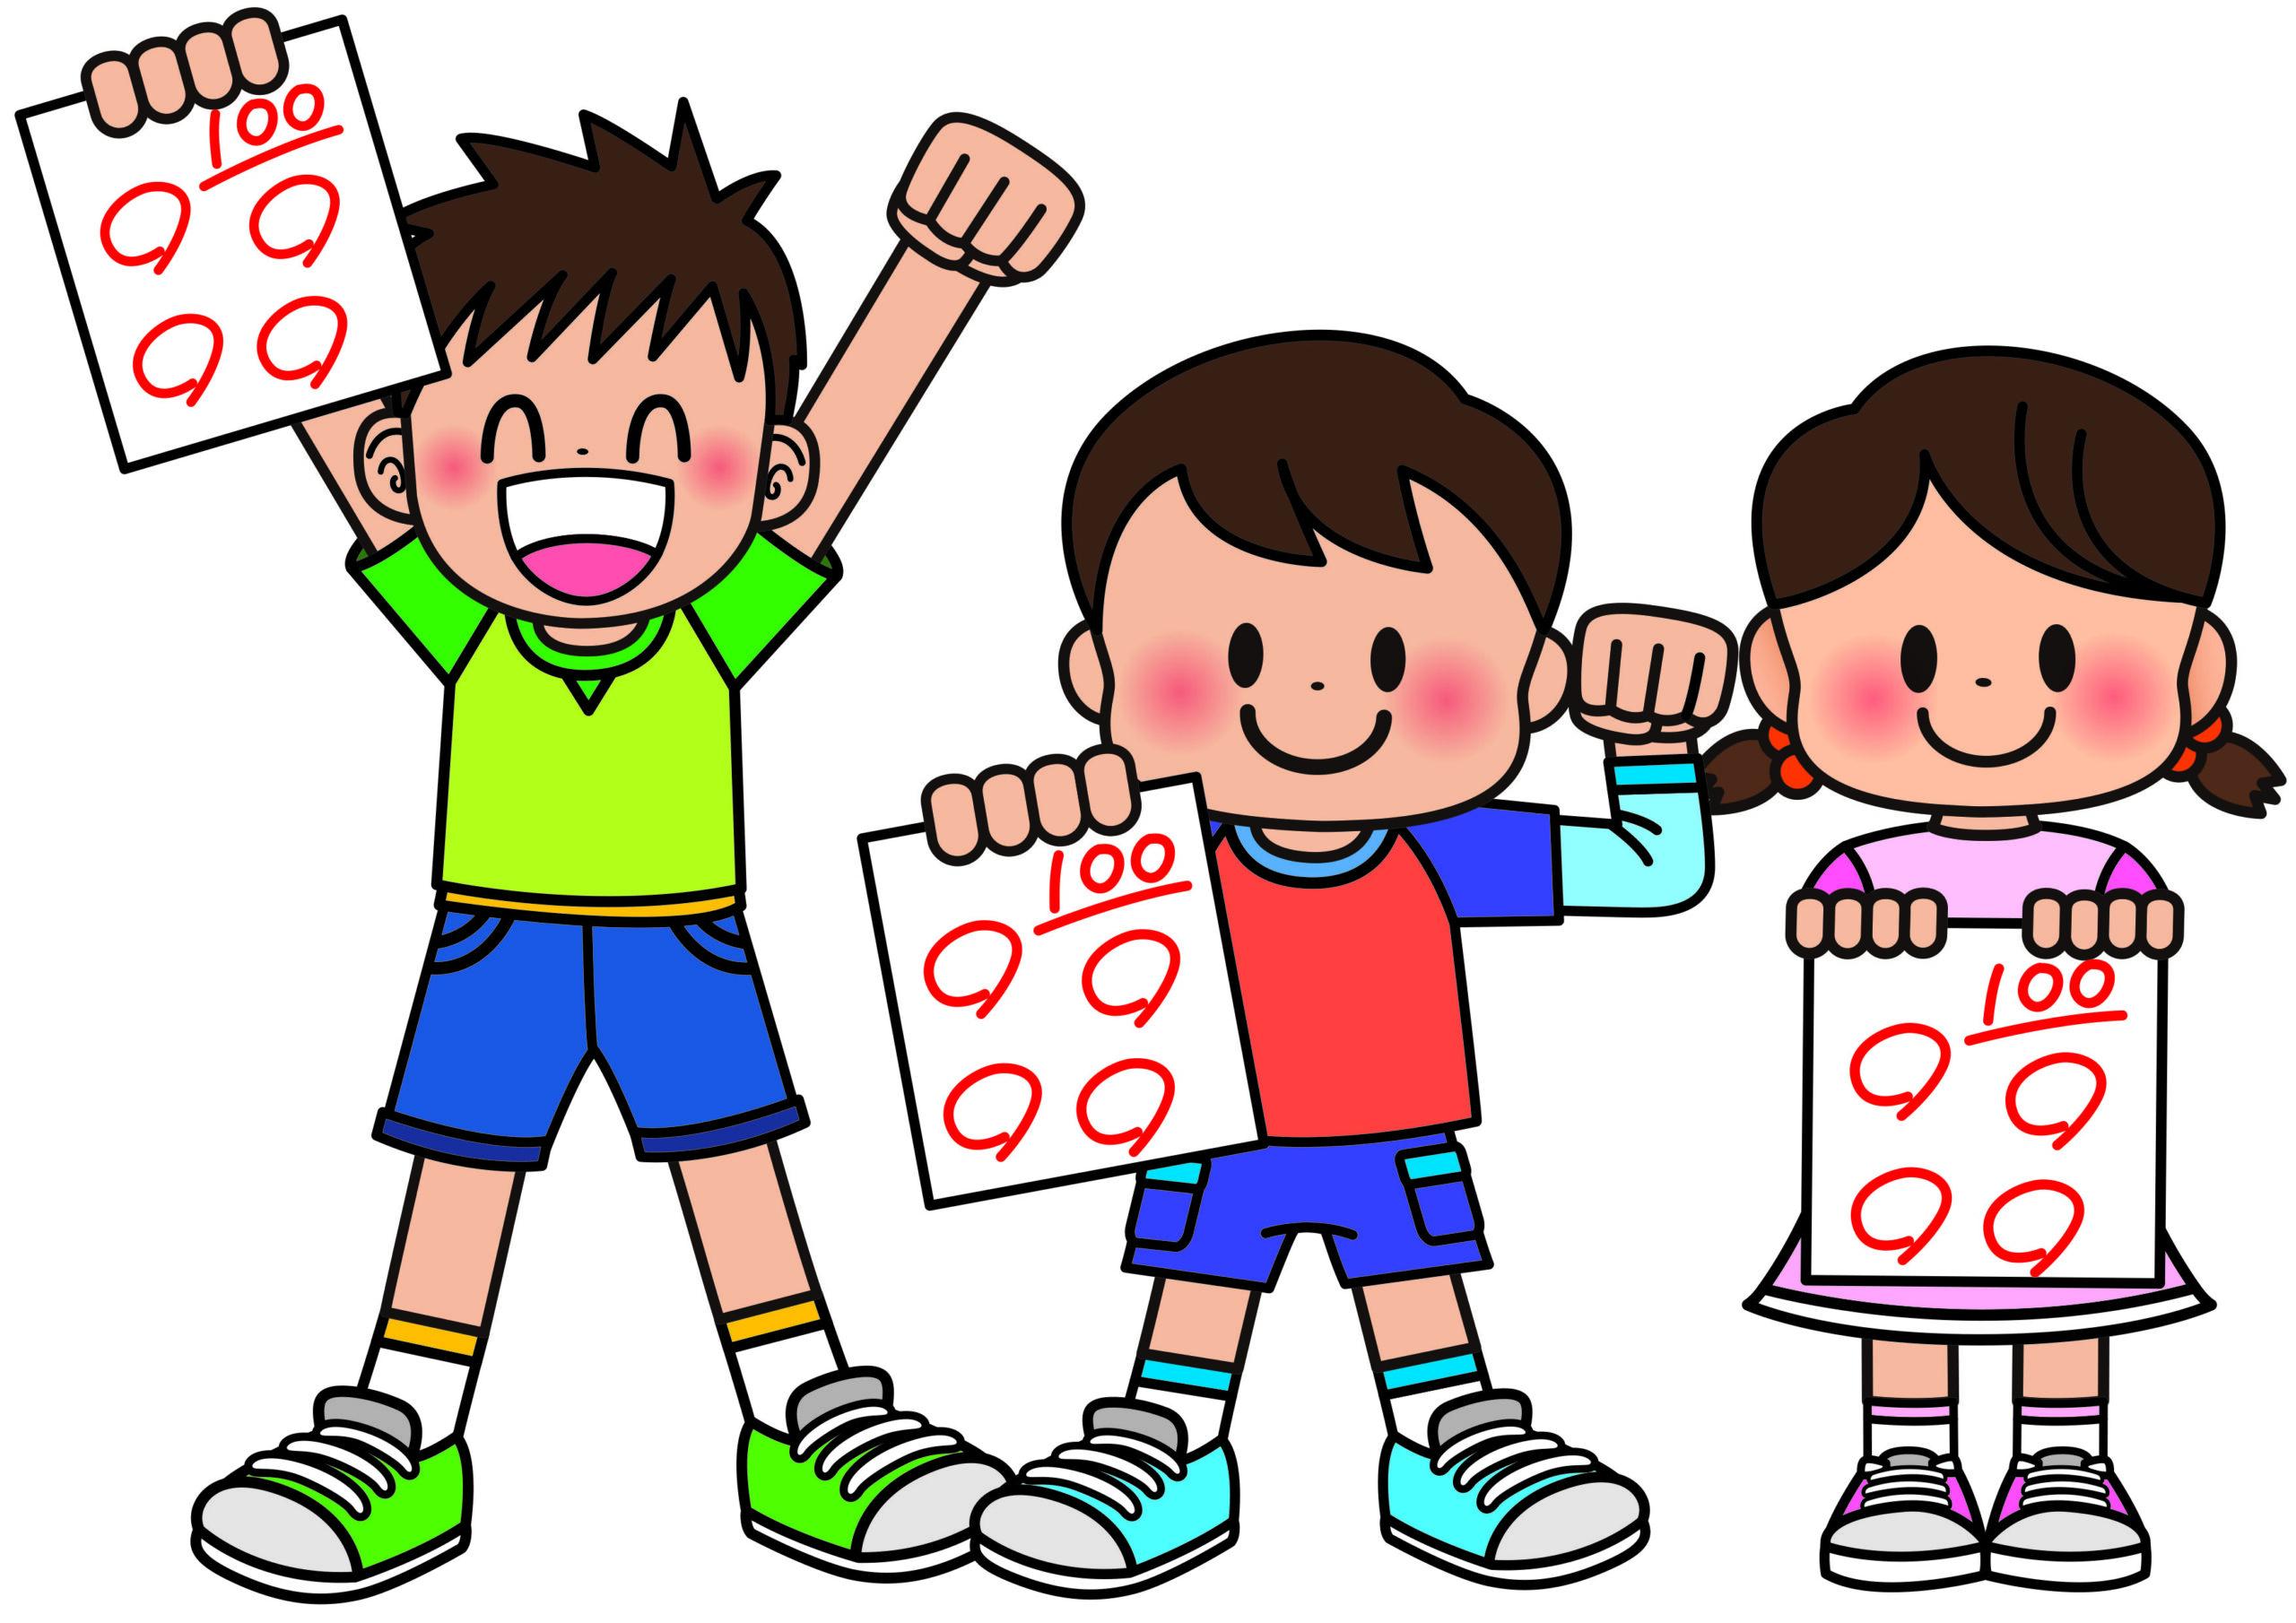 中学生の結果が出る努力の仕方や考え方